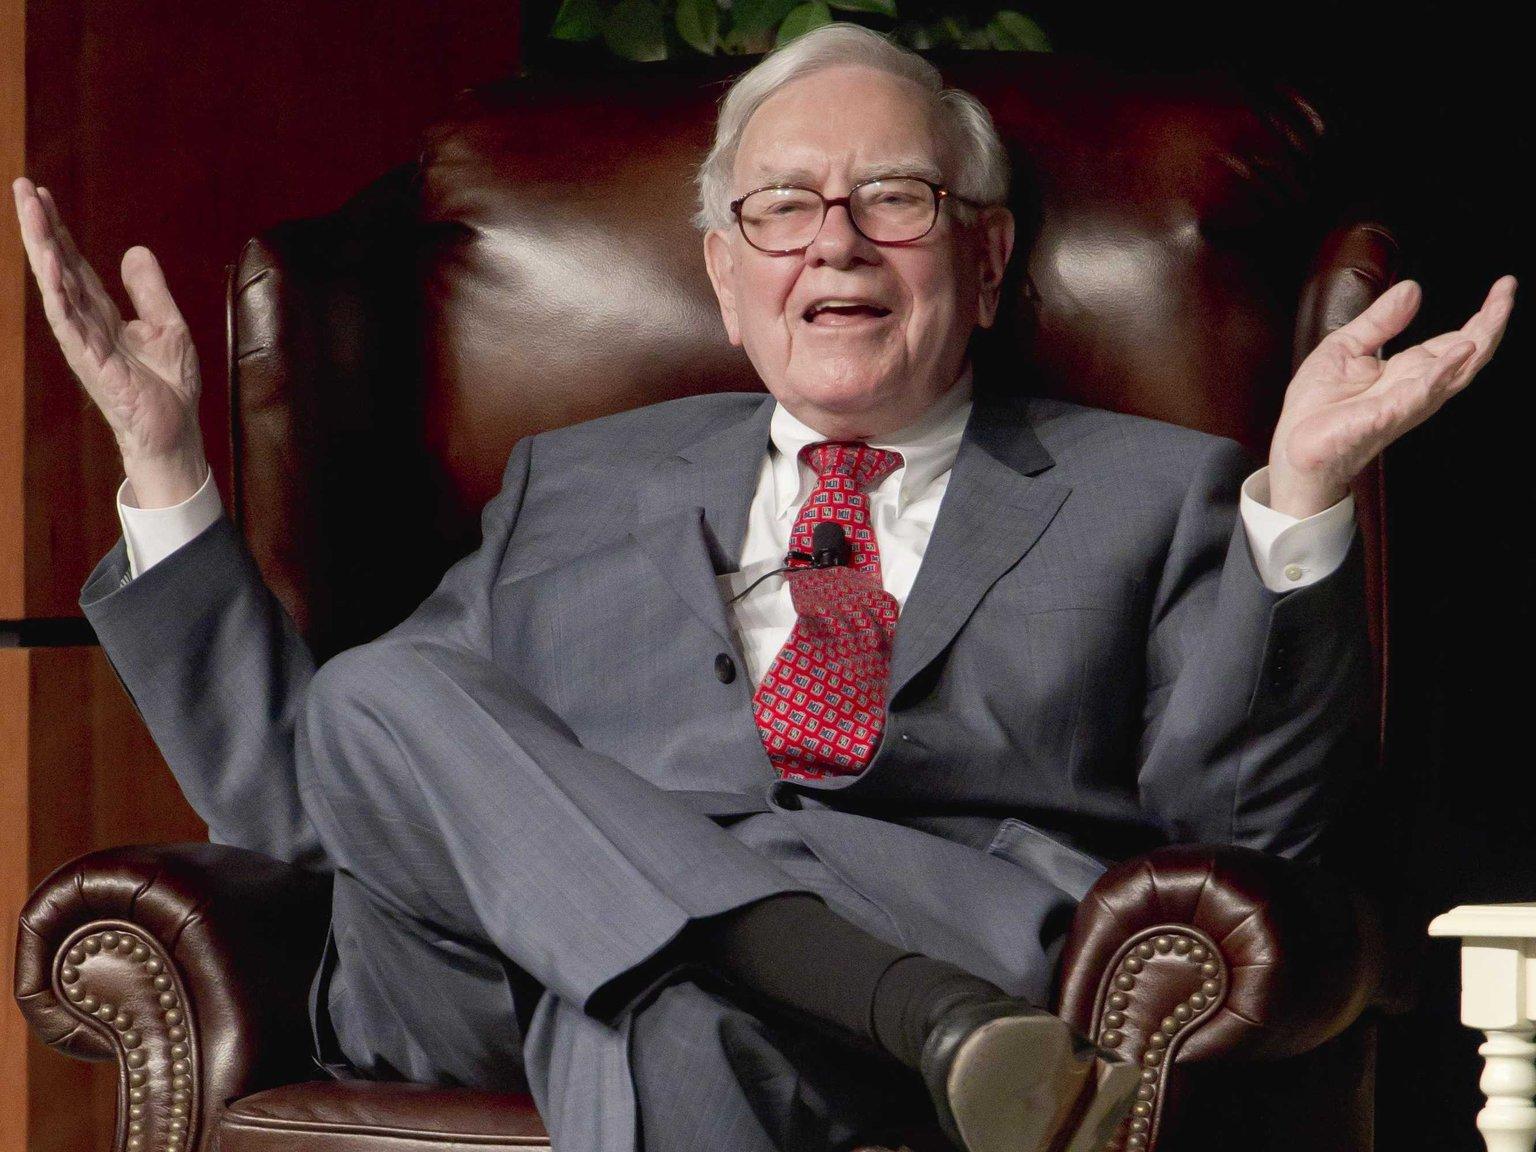 Senso dei soldi e segreti del successo spiegati in 24 brevi concetti dal terzo uomo più ricco del mondo, Warren Buffett